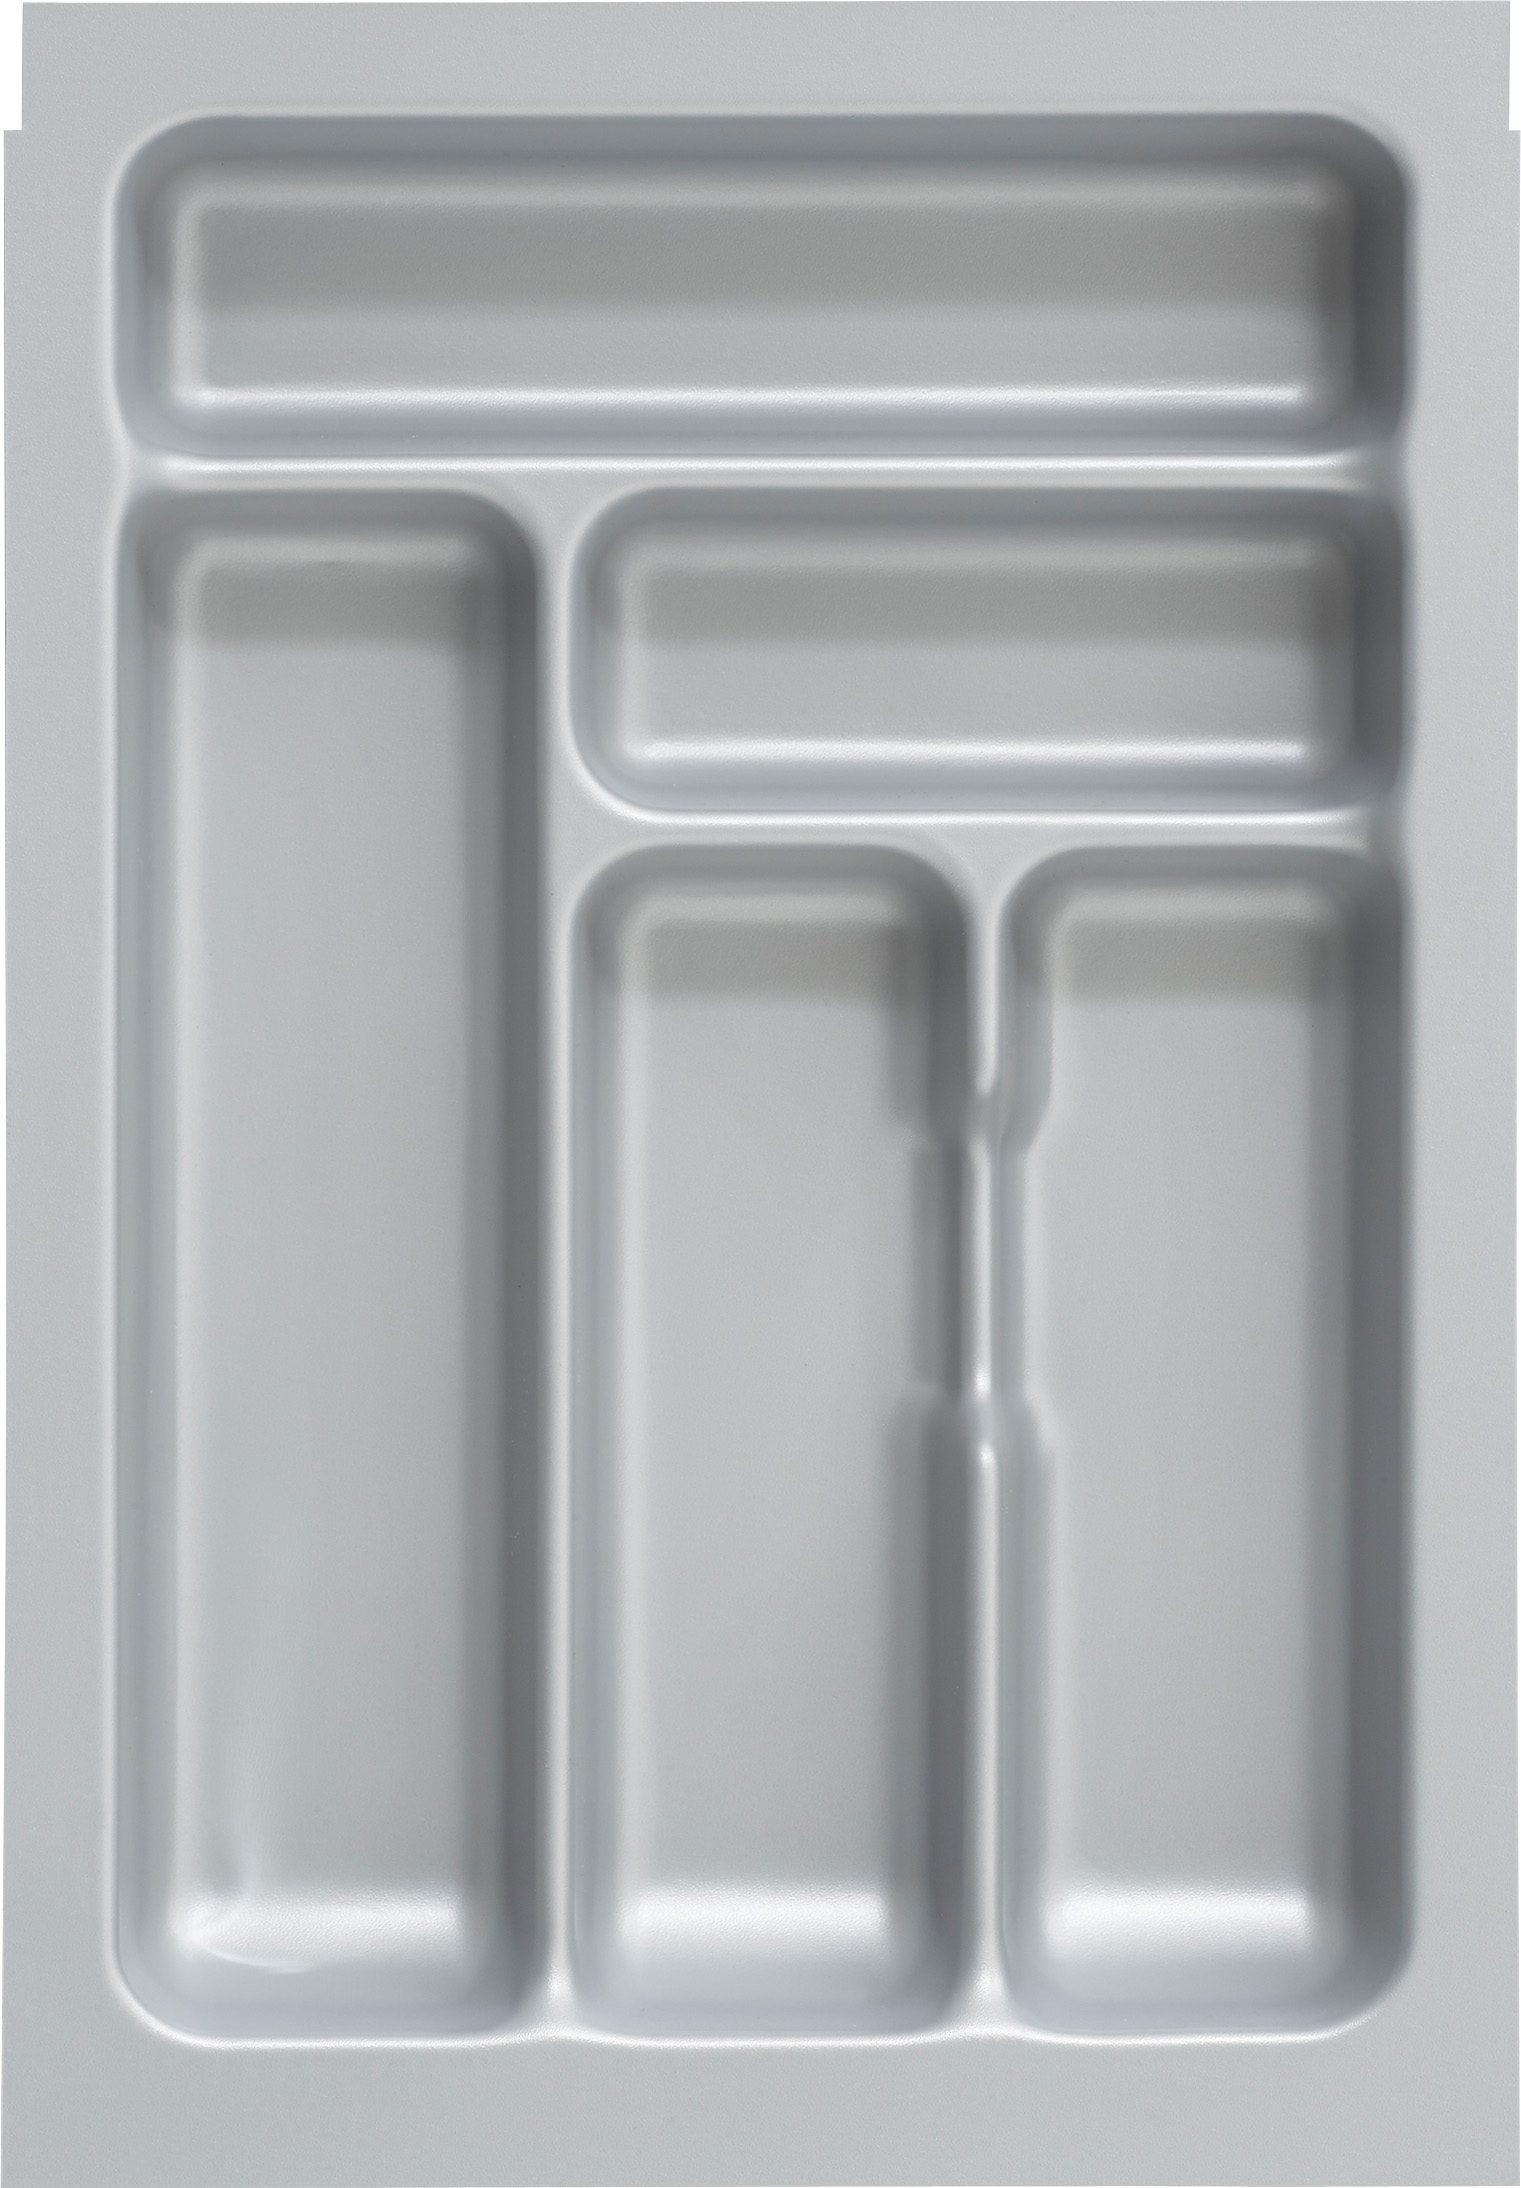 Besteckeinsatz 40 cm, OPTIFIT